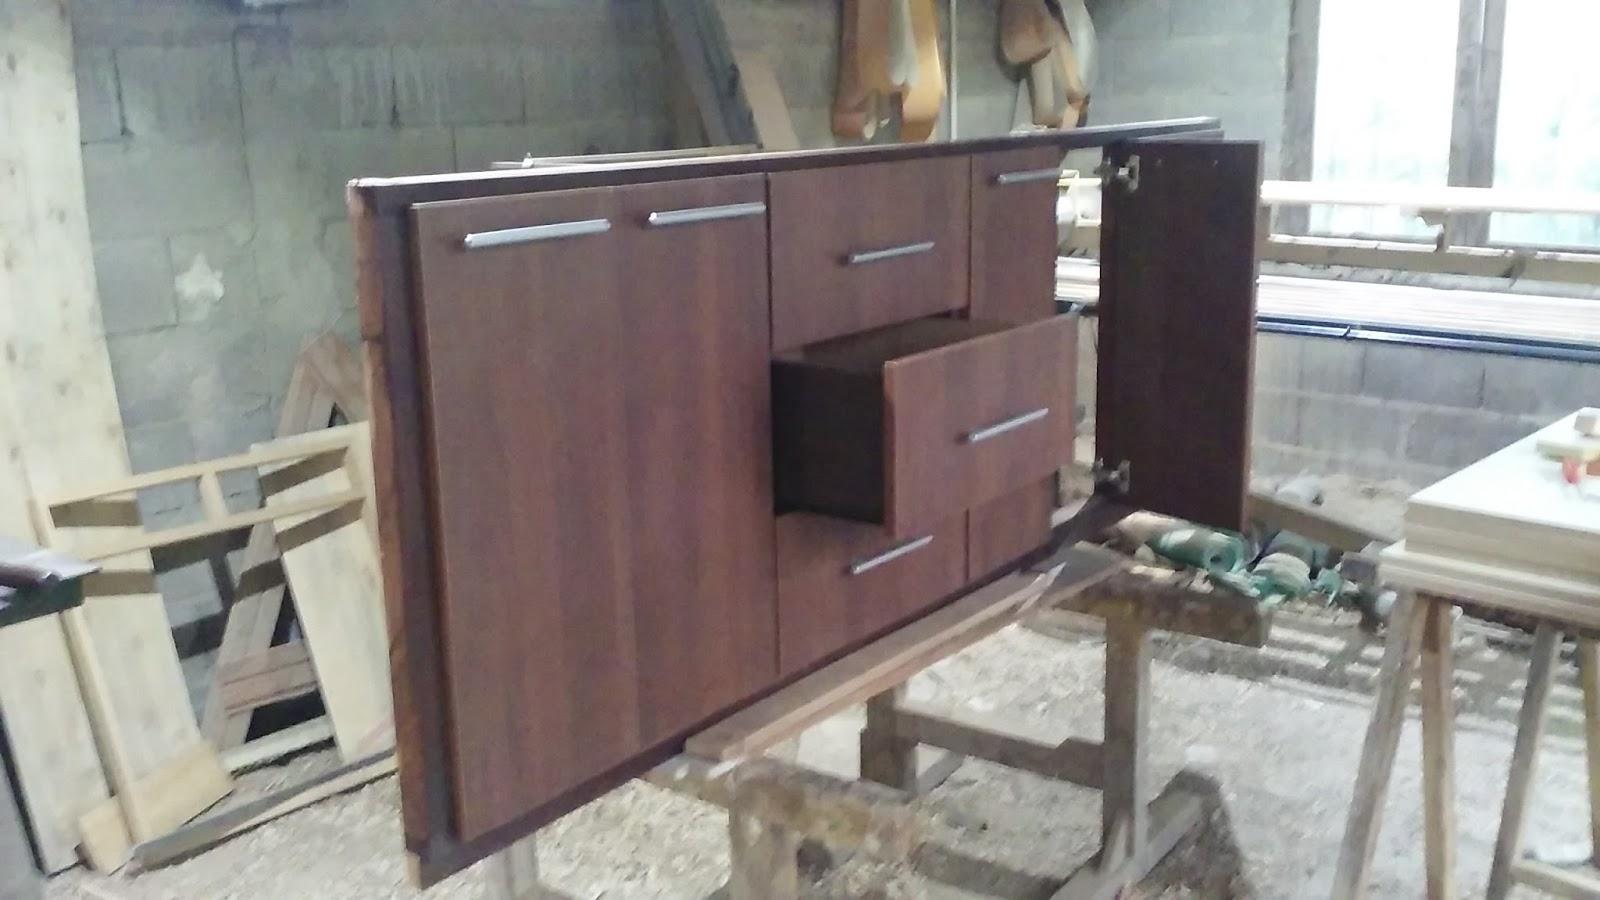 Mueble De Cocina Nogal Habano : Carpinter?a duramen placar bajo mesada de cocina en